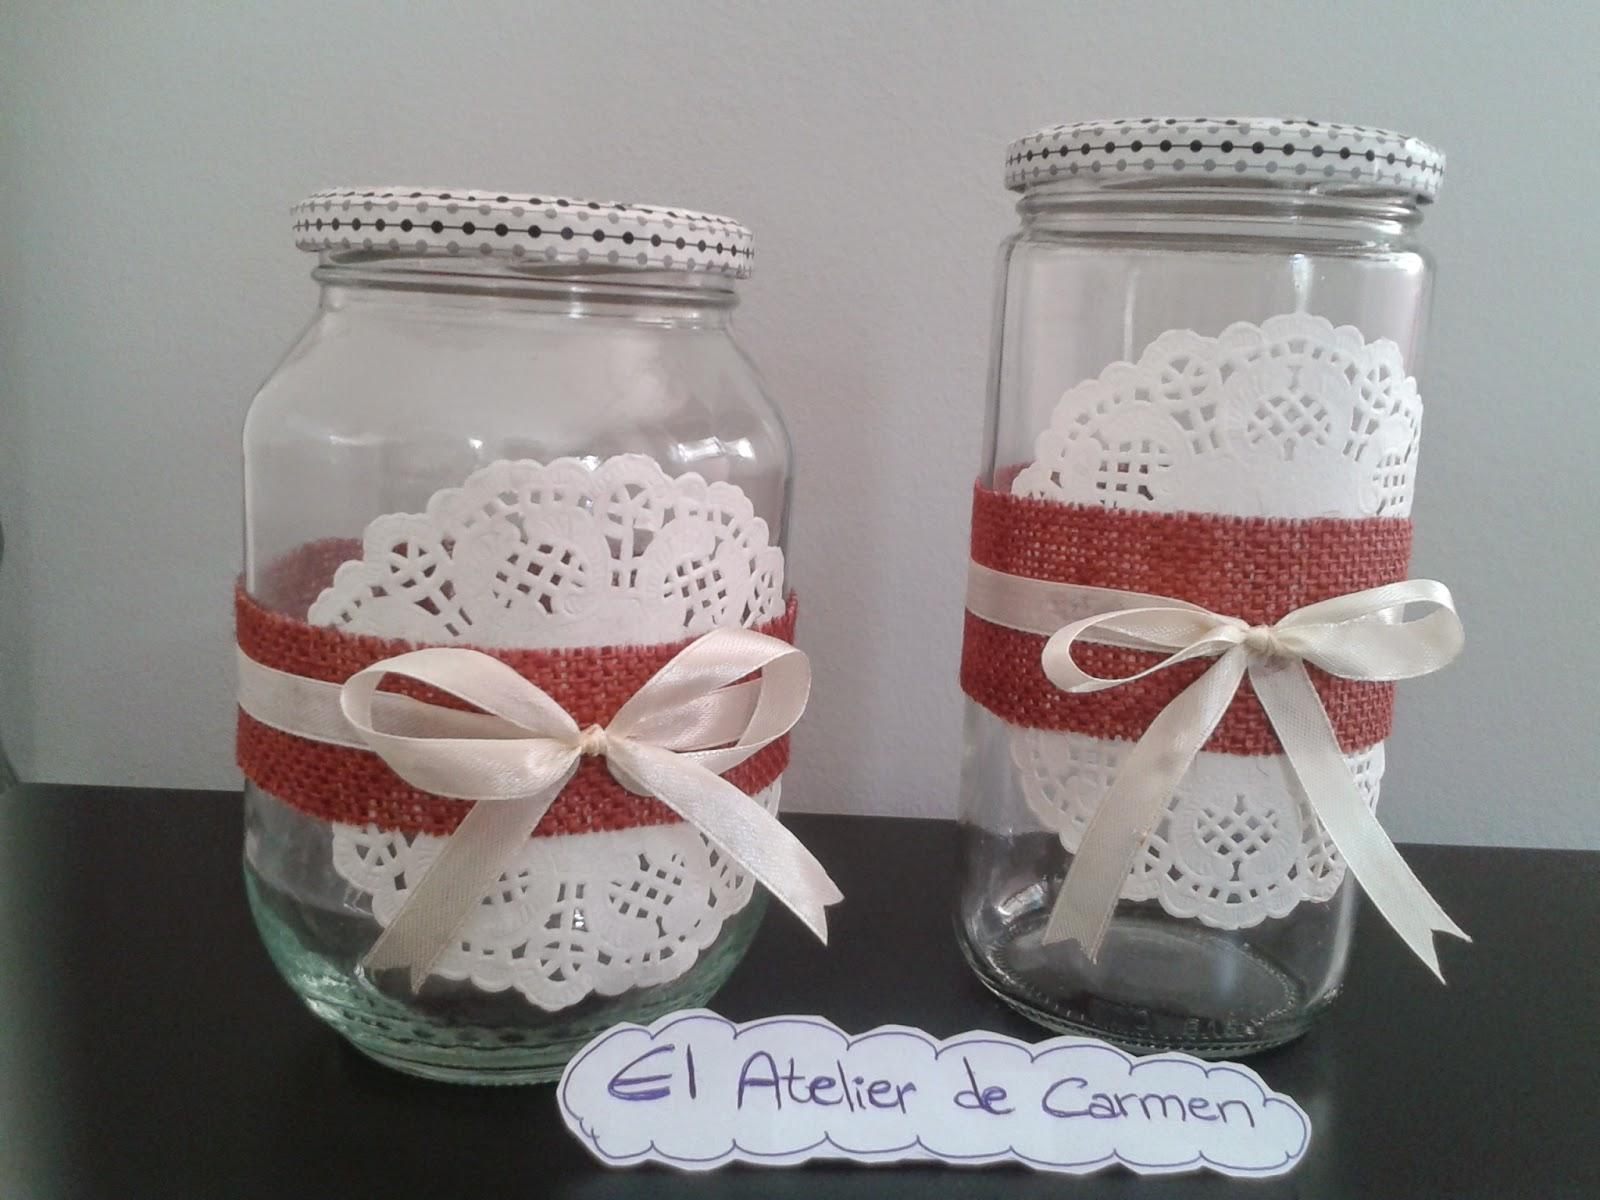 El atelier de carmen frascos tarros botes de cristal - Materiales de jardineria ...